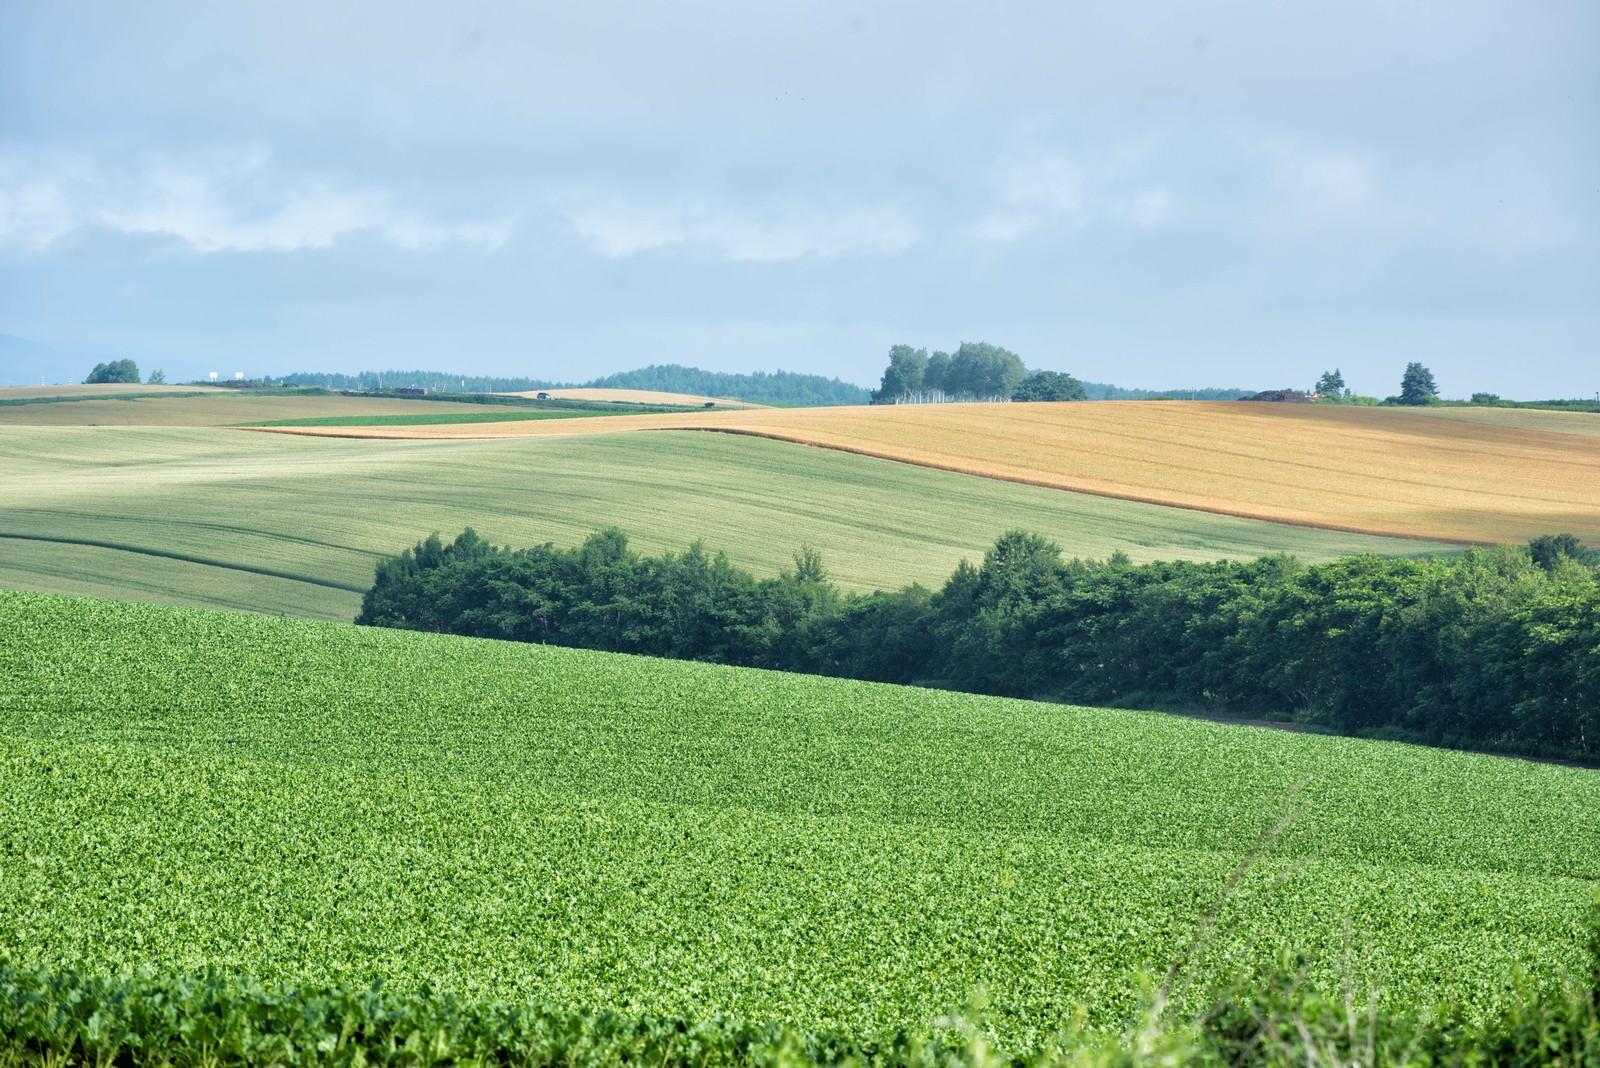 「美瑛町の広大な畑」の写真